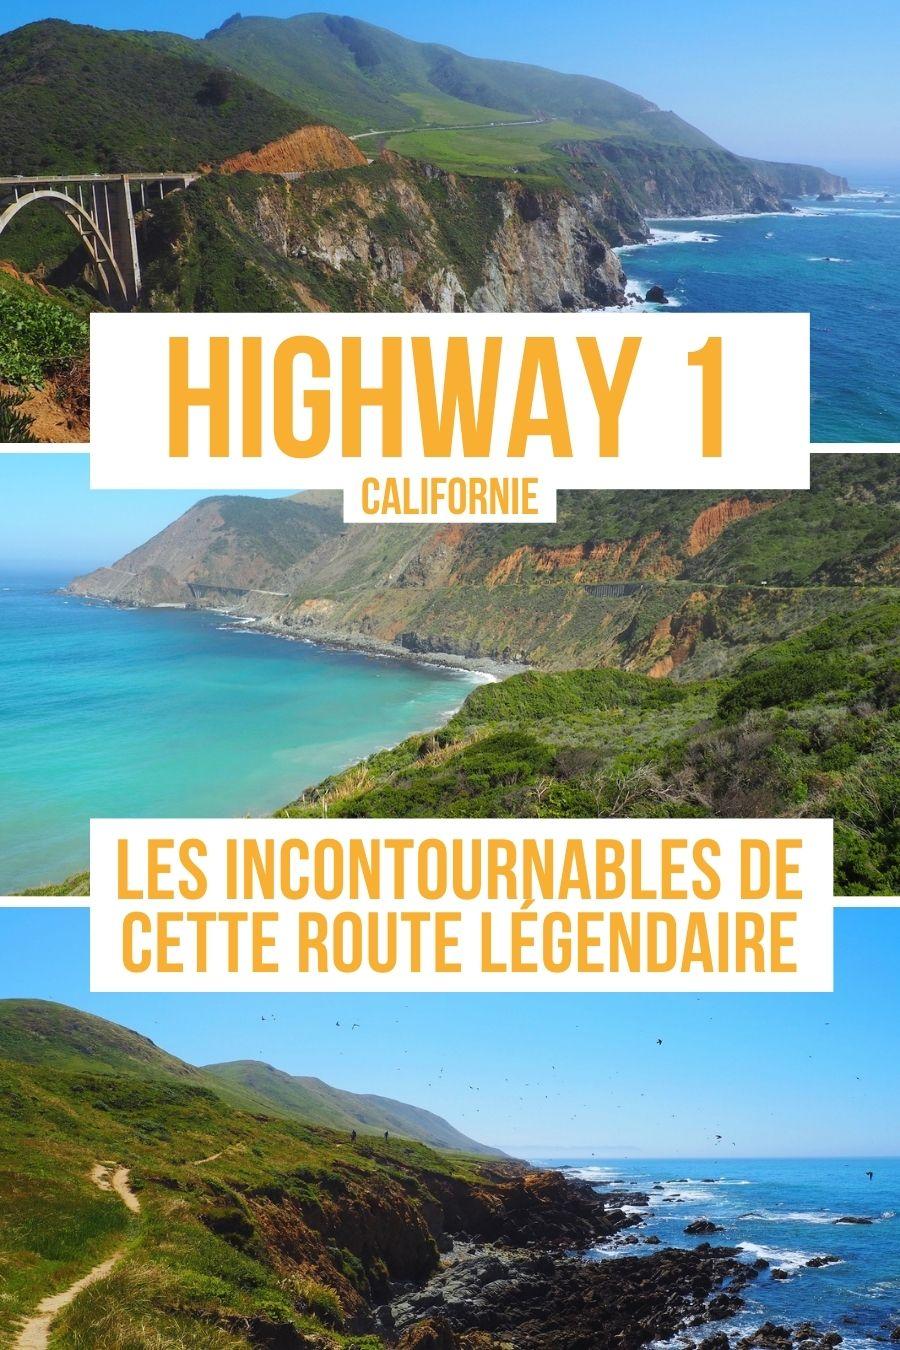 Highway 1 ou Pacific Coastway en Californie, les incontournables d'un voyage de long de cette route légendaire